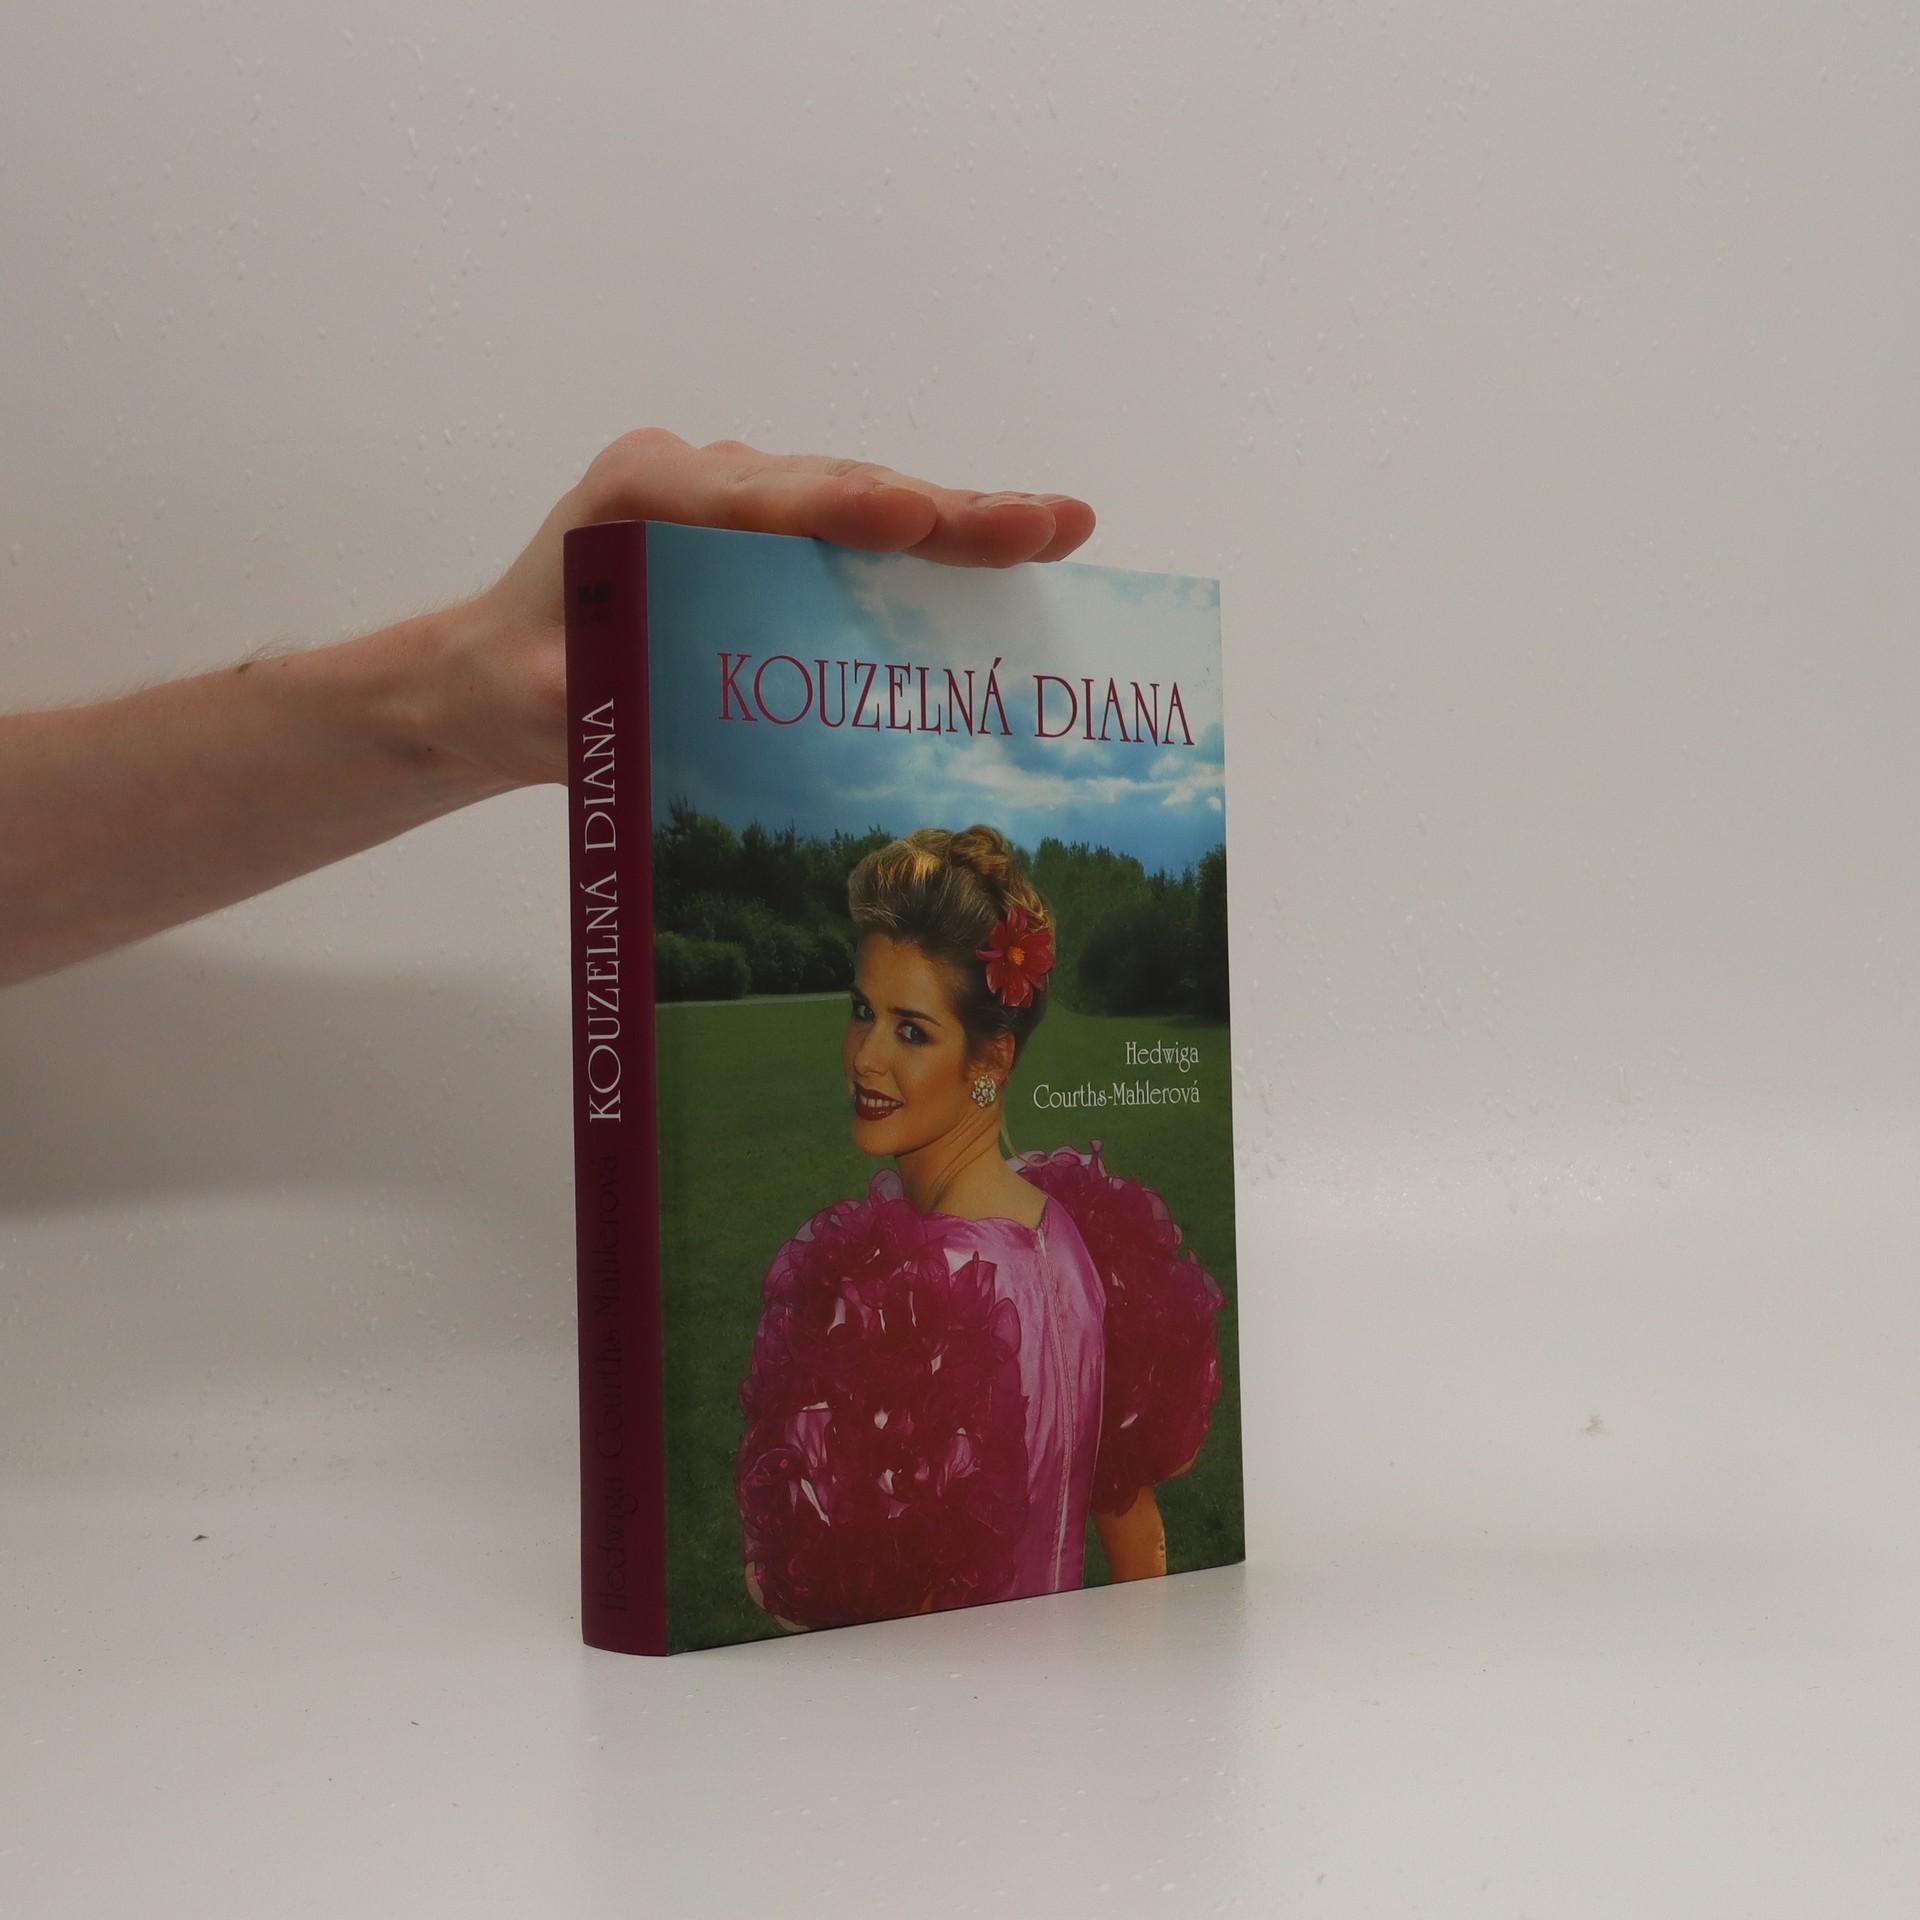 antikvární kniha Kouzelná Diana, 2001